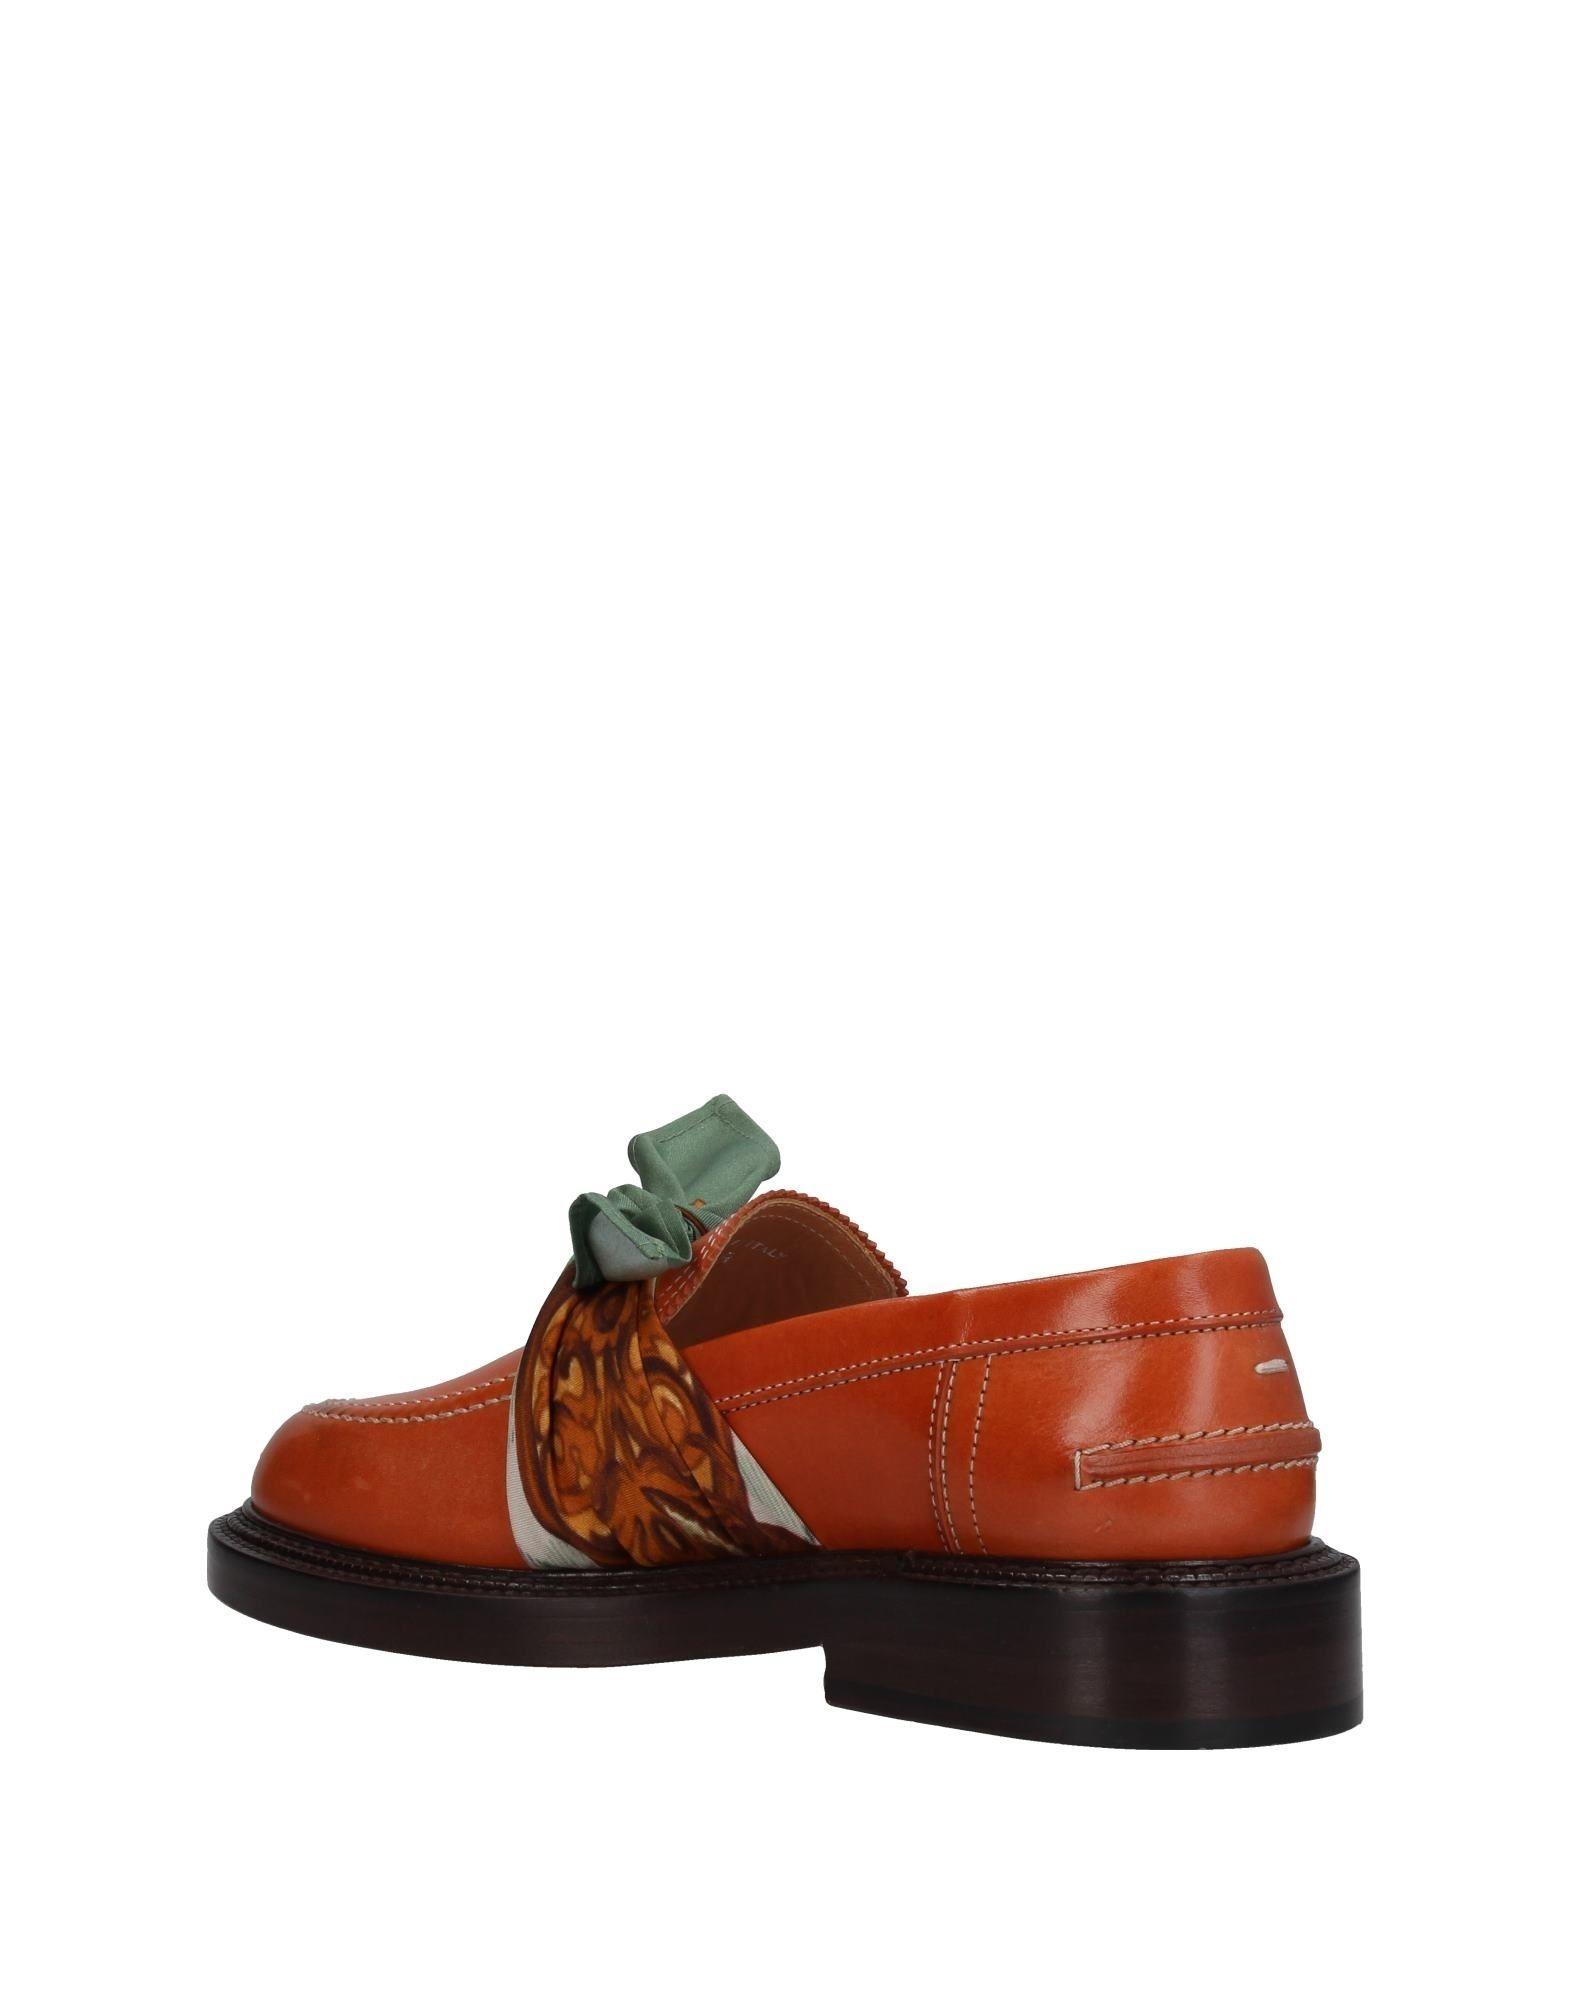 Maison Margiela Mokassins Damen Damen Damen  11341744LO Beliebte Schuhe 4c6744